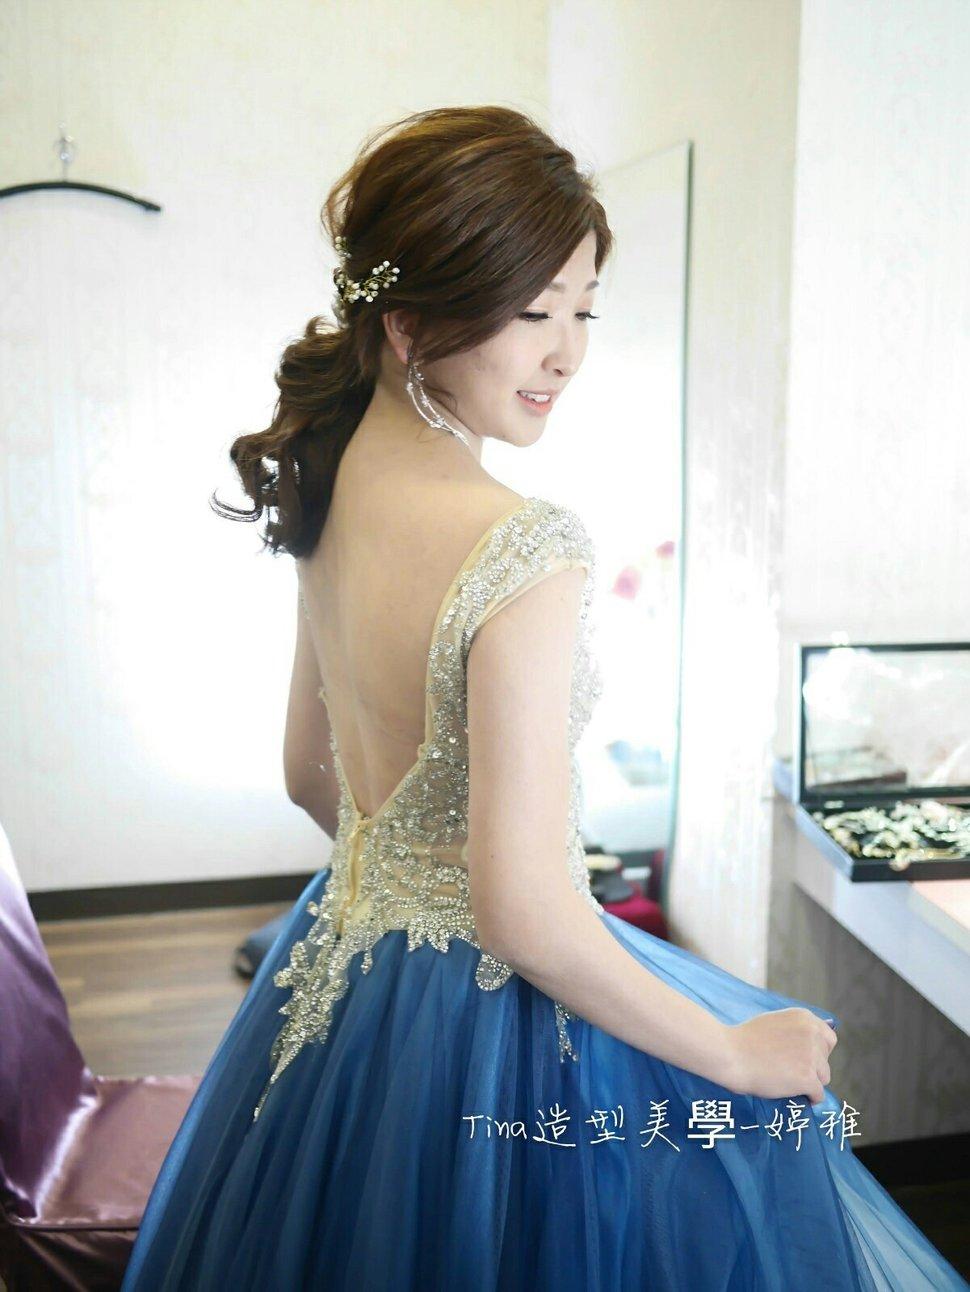 婚宴照片_190115_0013 - 雲林新秘/嘉義新娘秘書/Tina造型美學《結婚吧》